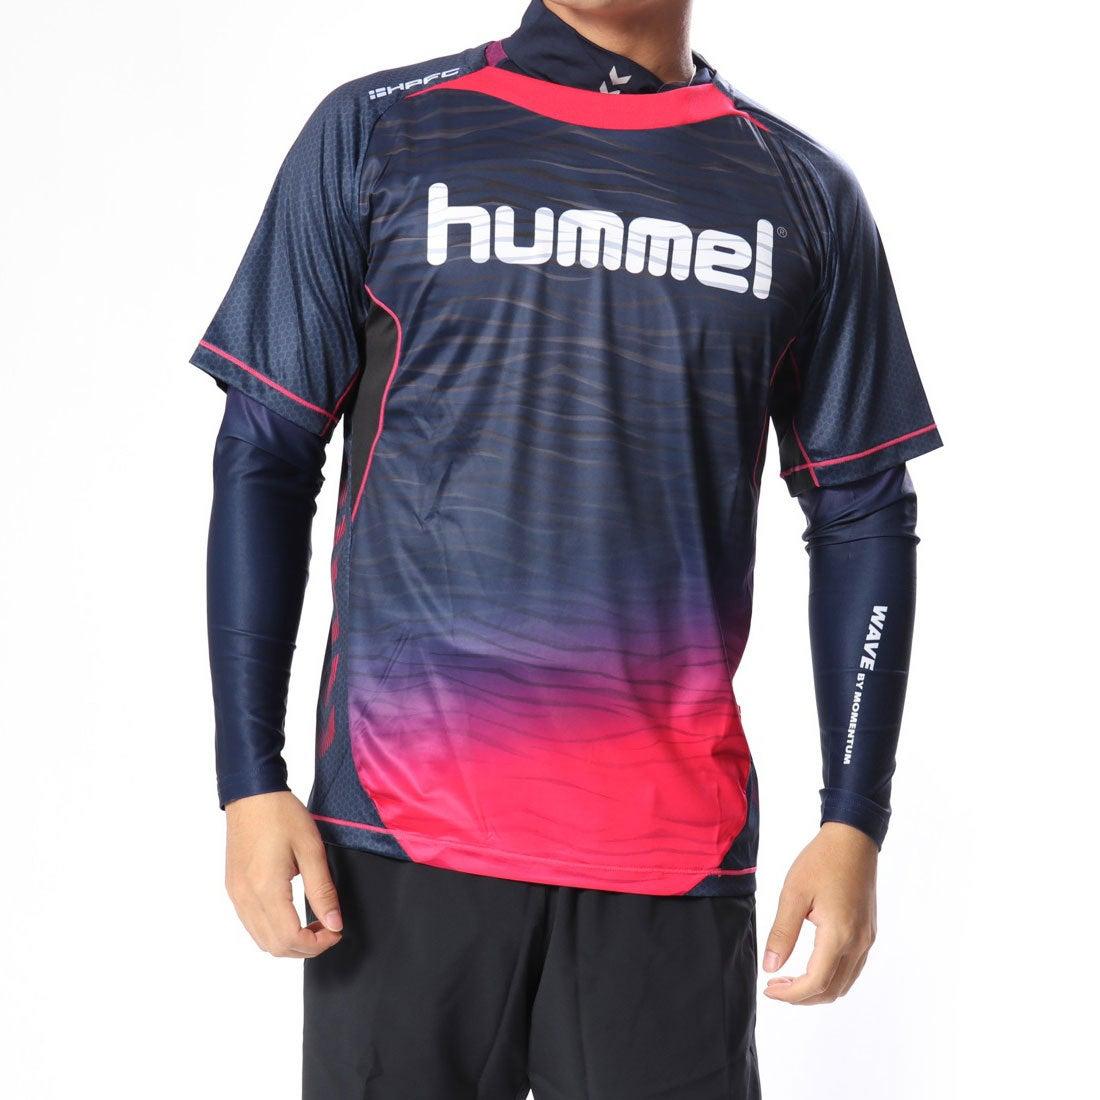 ロコンド 靴とファッションの通販サイトヒュンメルhummelサッカー/フットサルレイヤードシャツHPFC-プラシャツ・インナーセットHAP7109